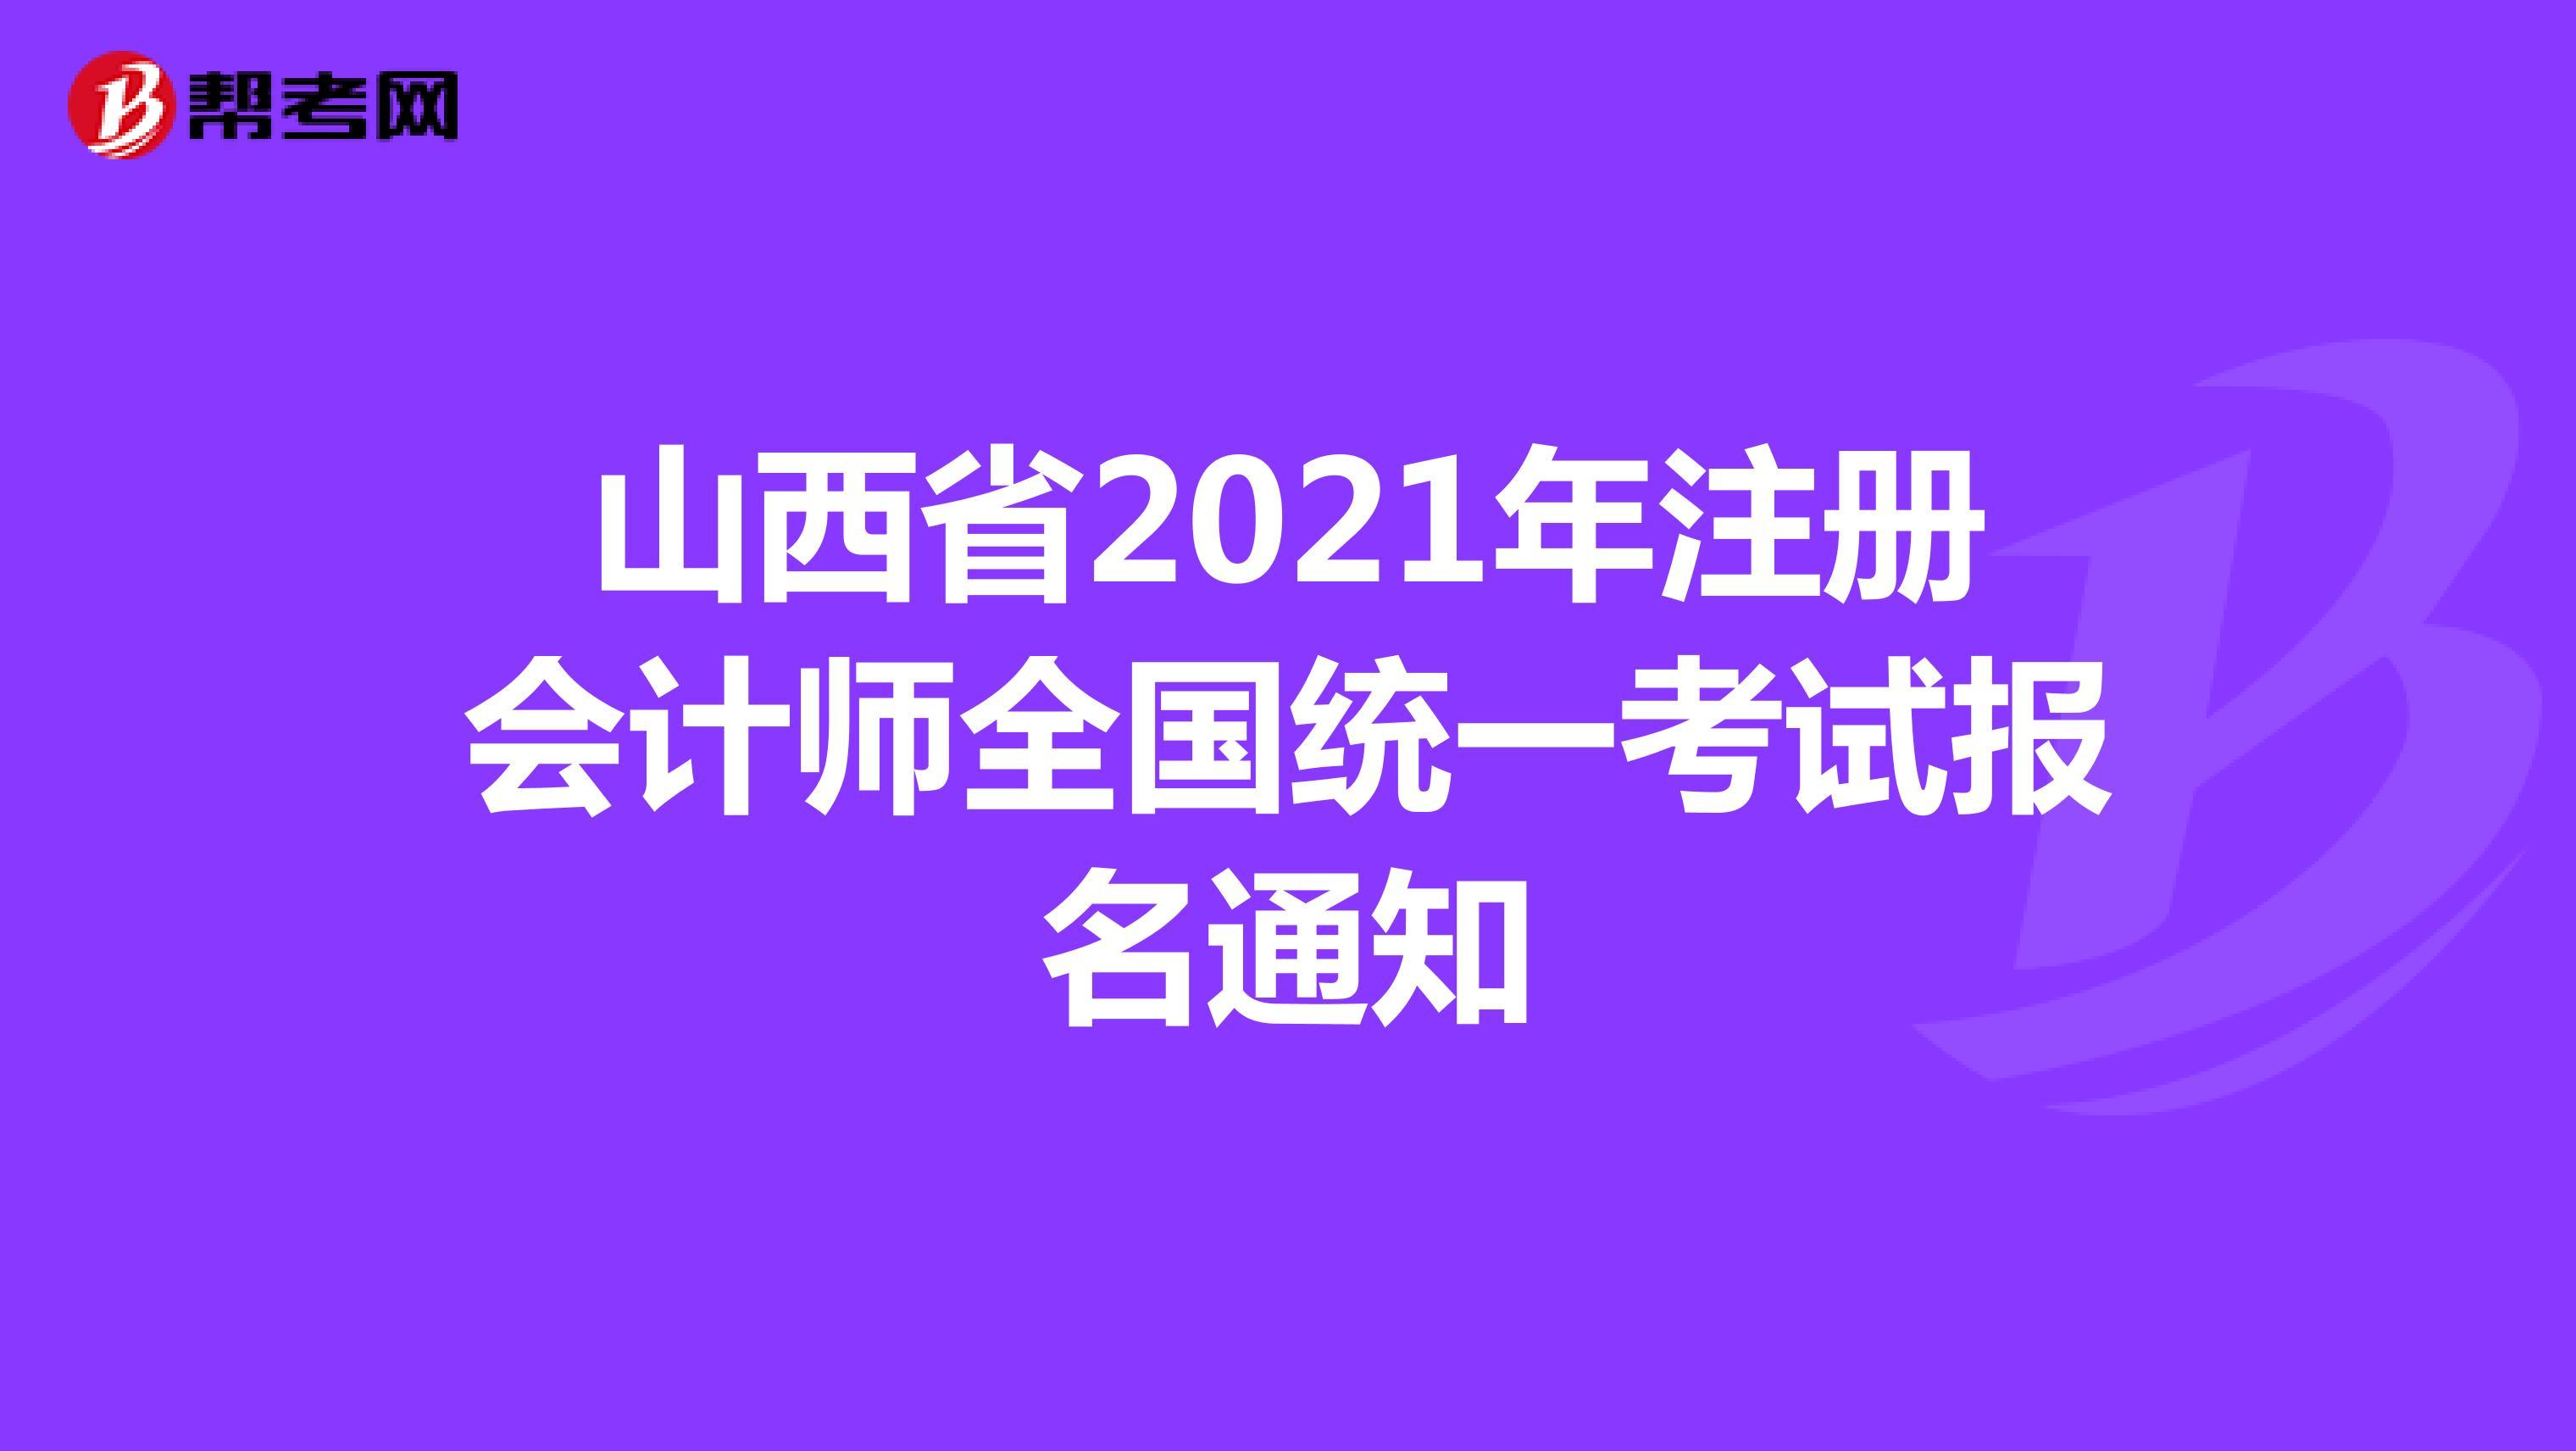 山西省2021年注册会计师全国统一考试报名通知